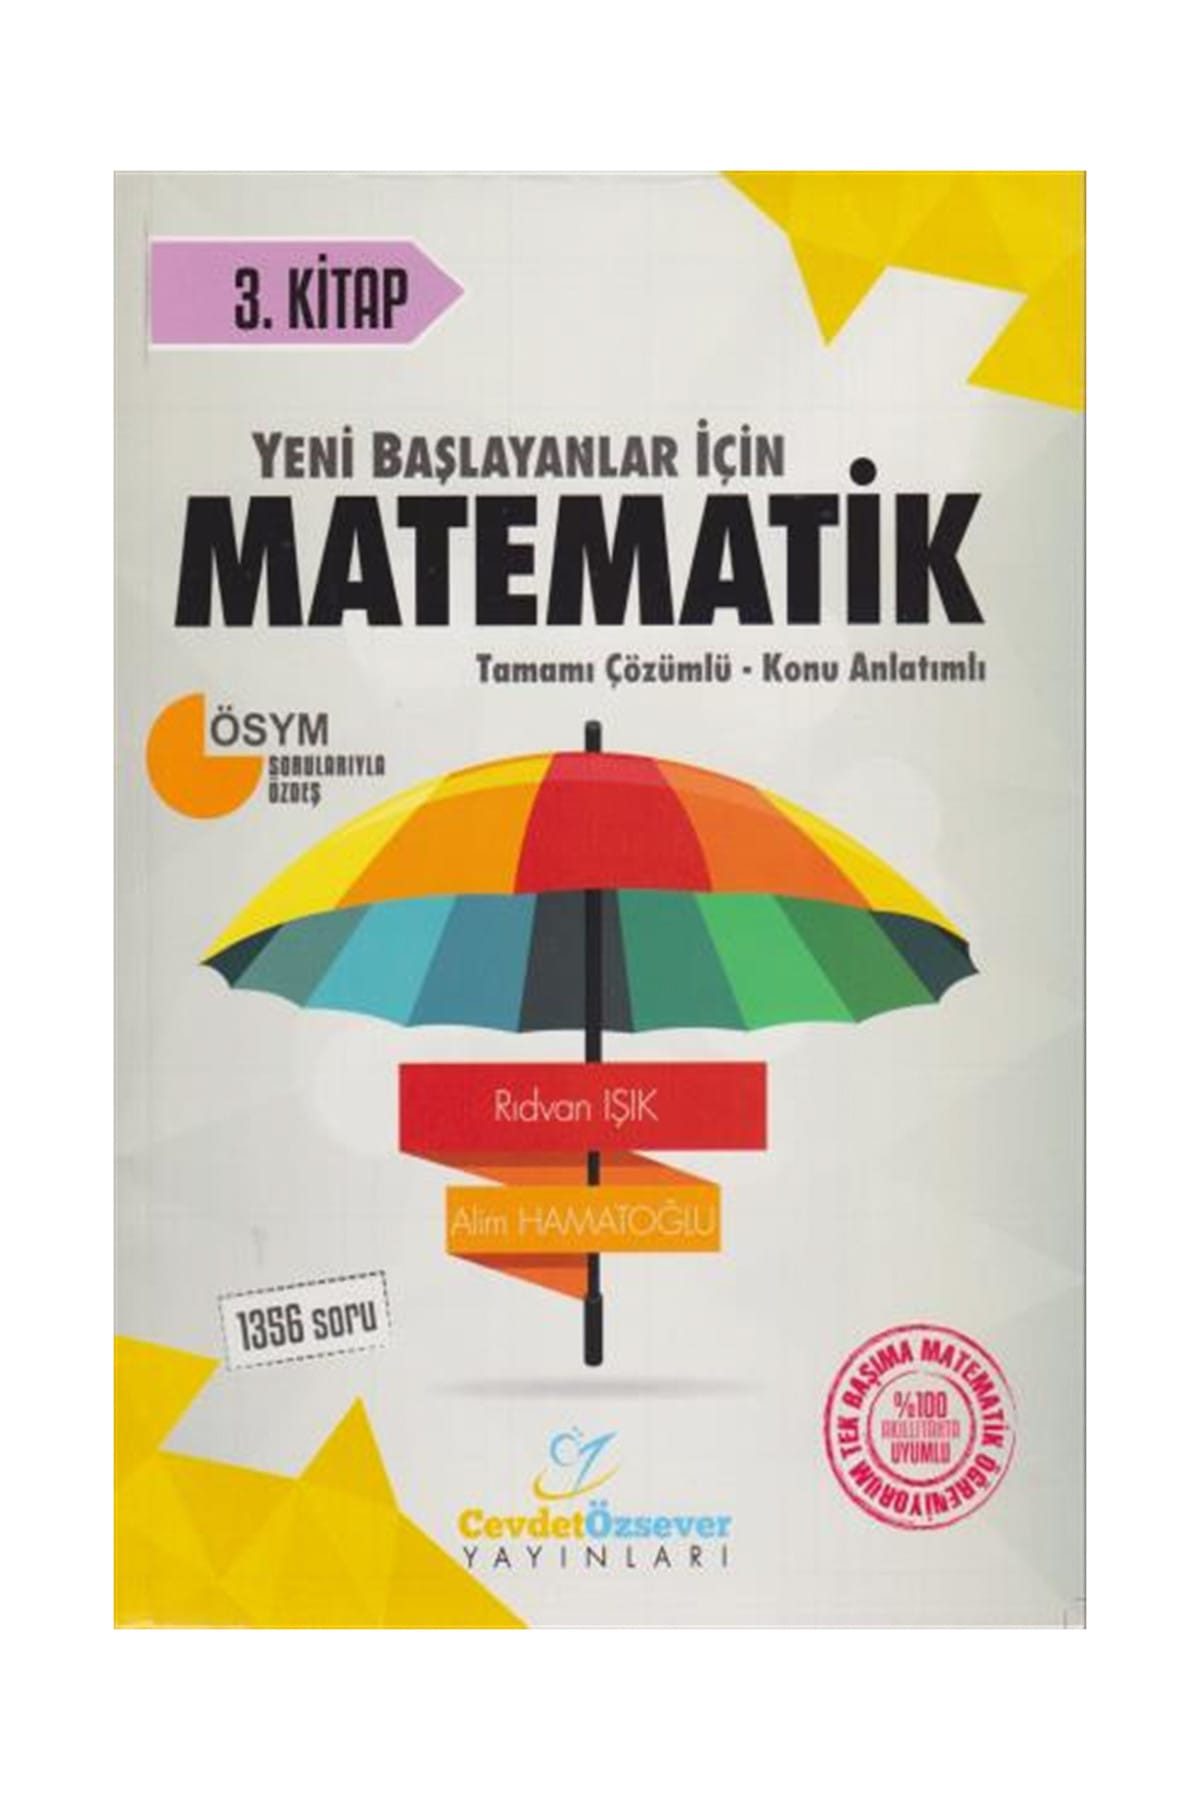 Cevdet Özsever Yayınları Yeni Başlayanlar İçin Matematik Tamamı Çözümlü Konu Anlatımlı Soru Bankası 3.Kitap